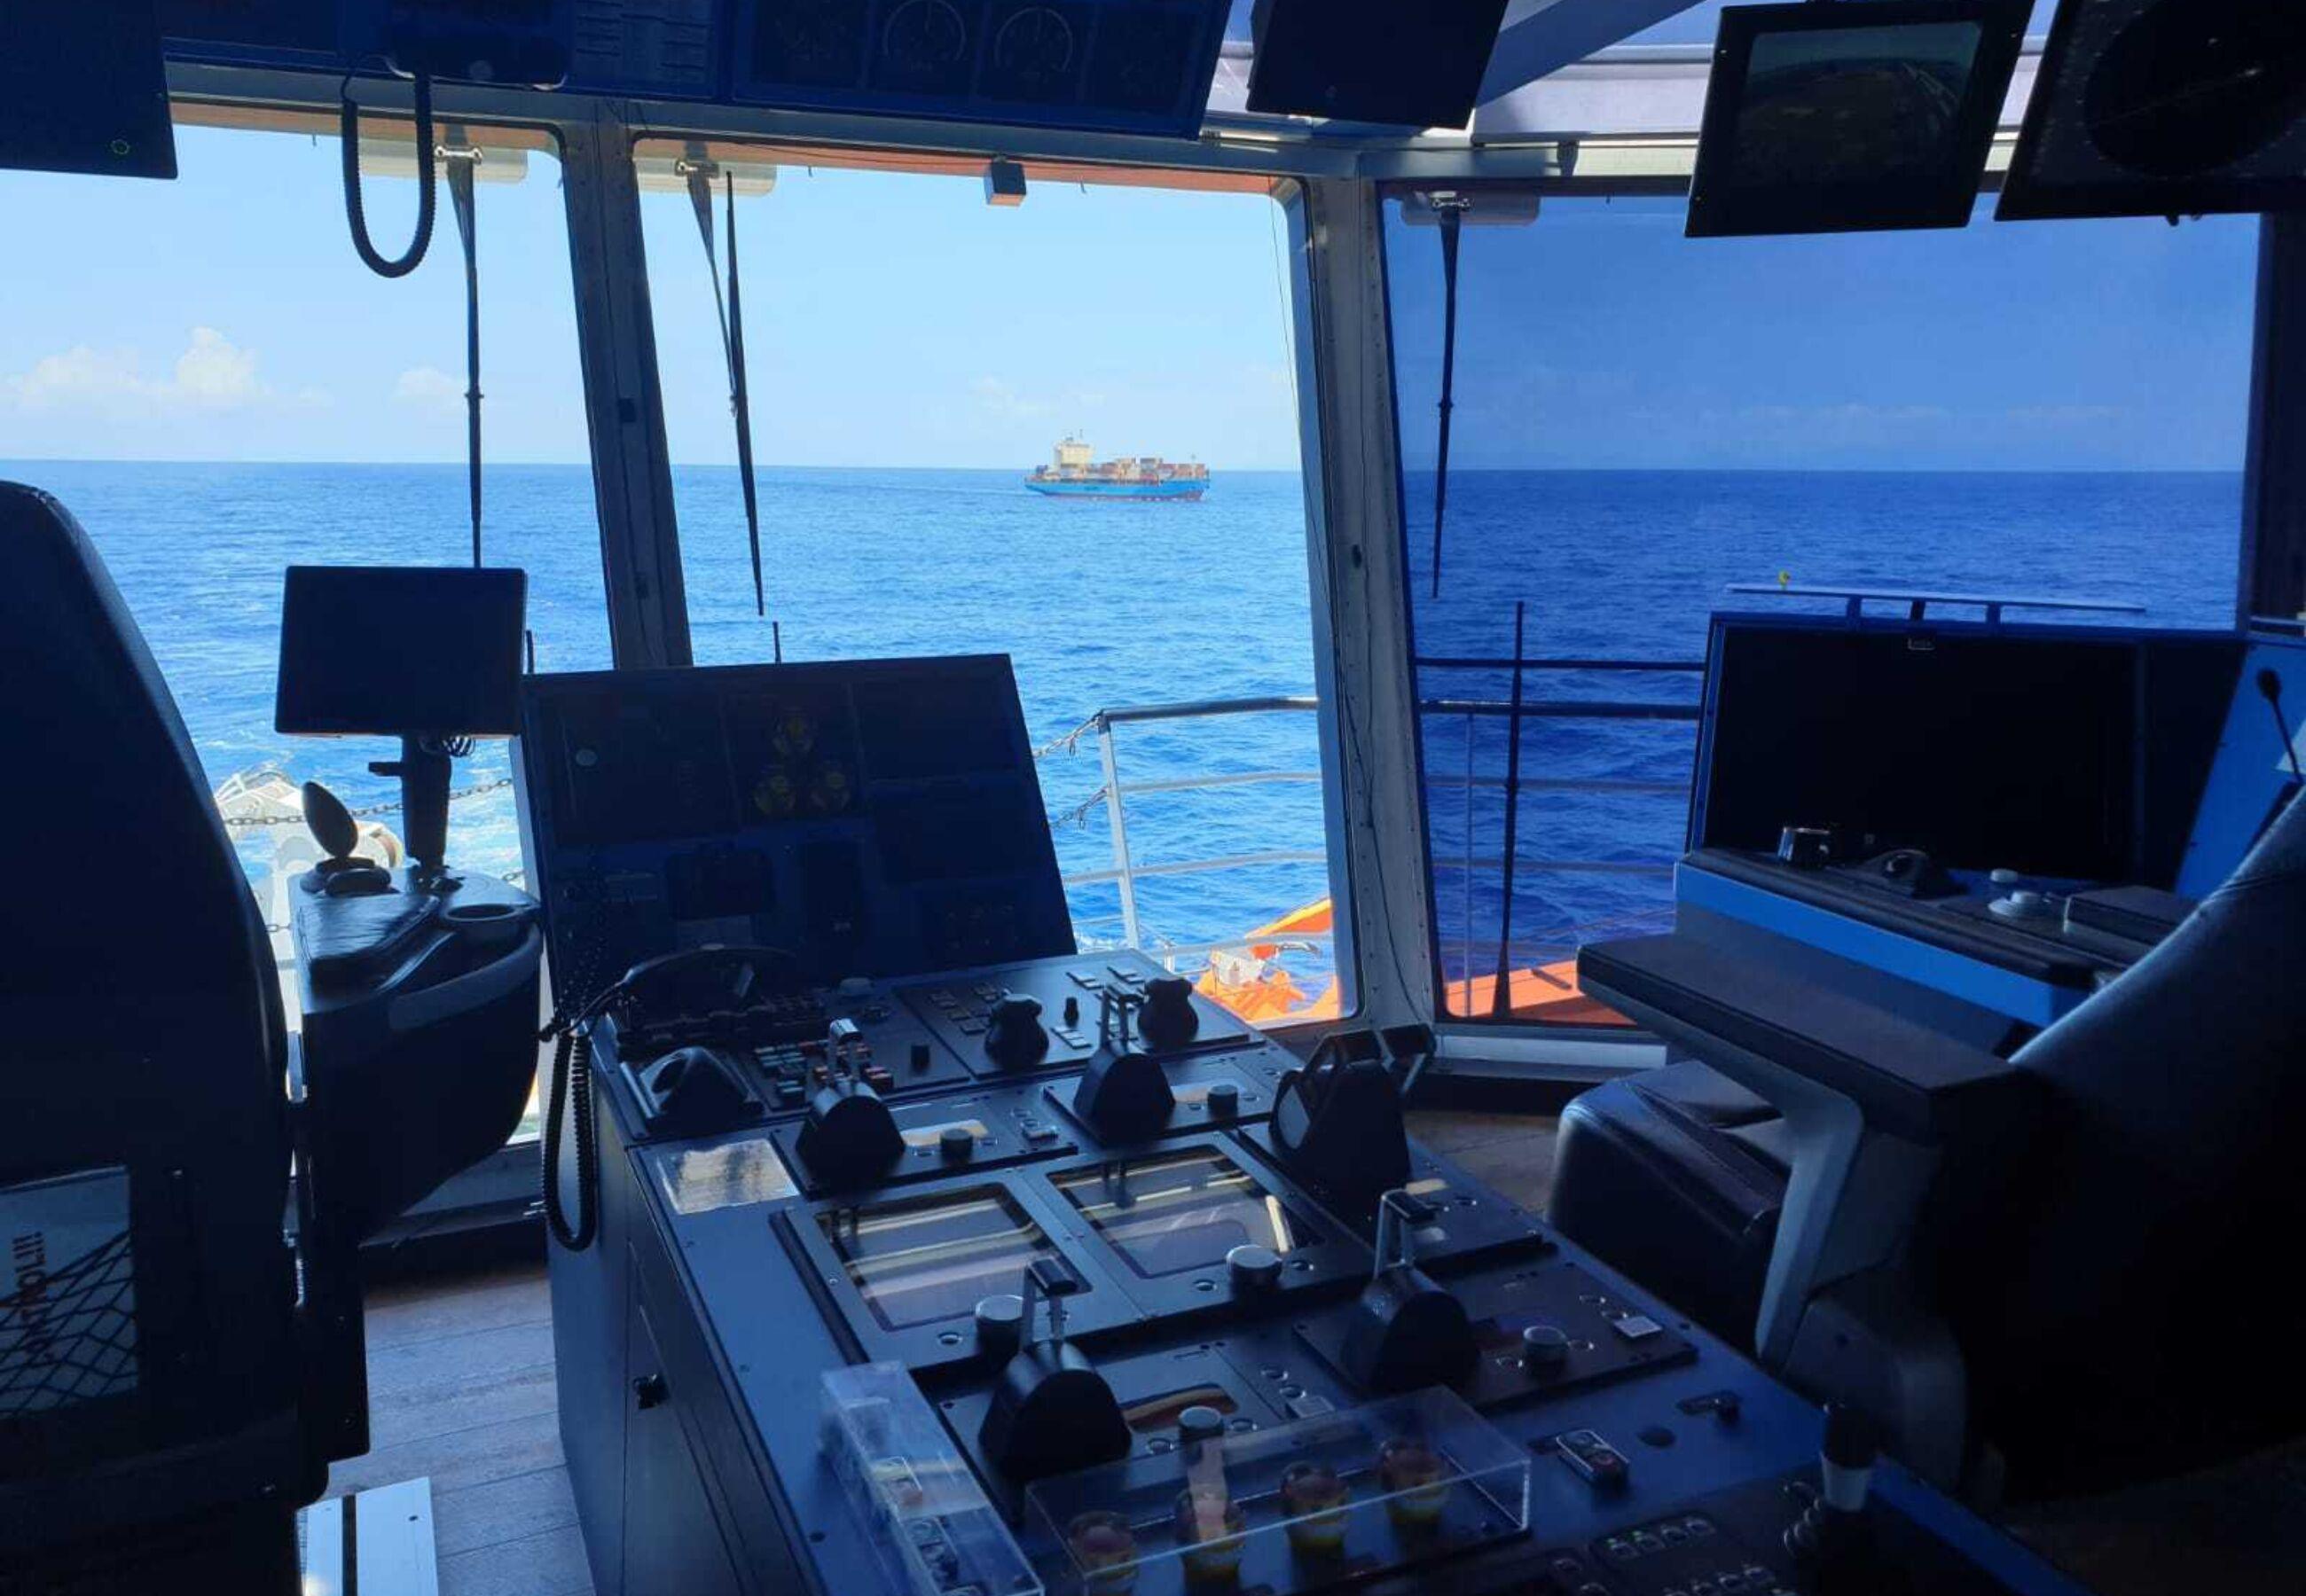 ALP Defender enroute towing Maersk Vilnius